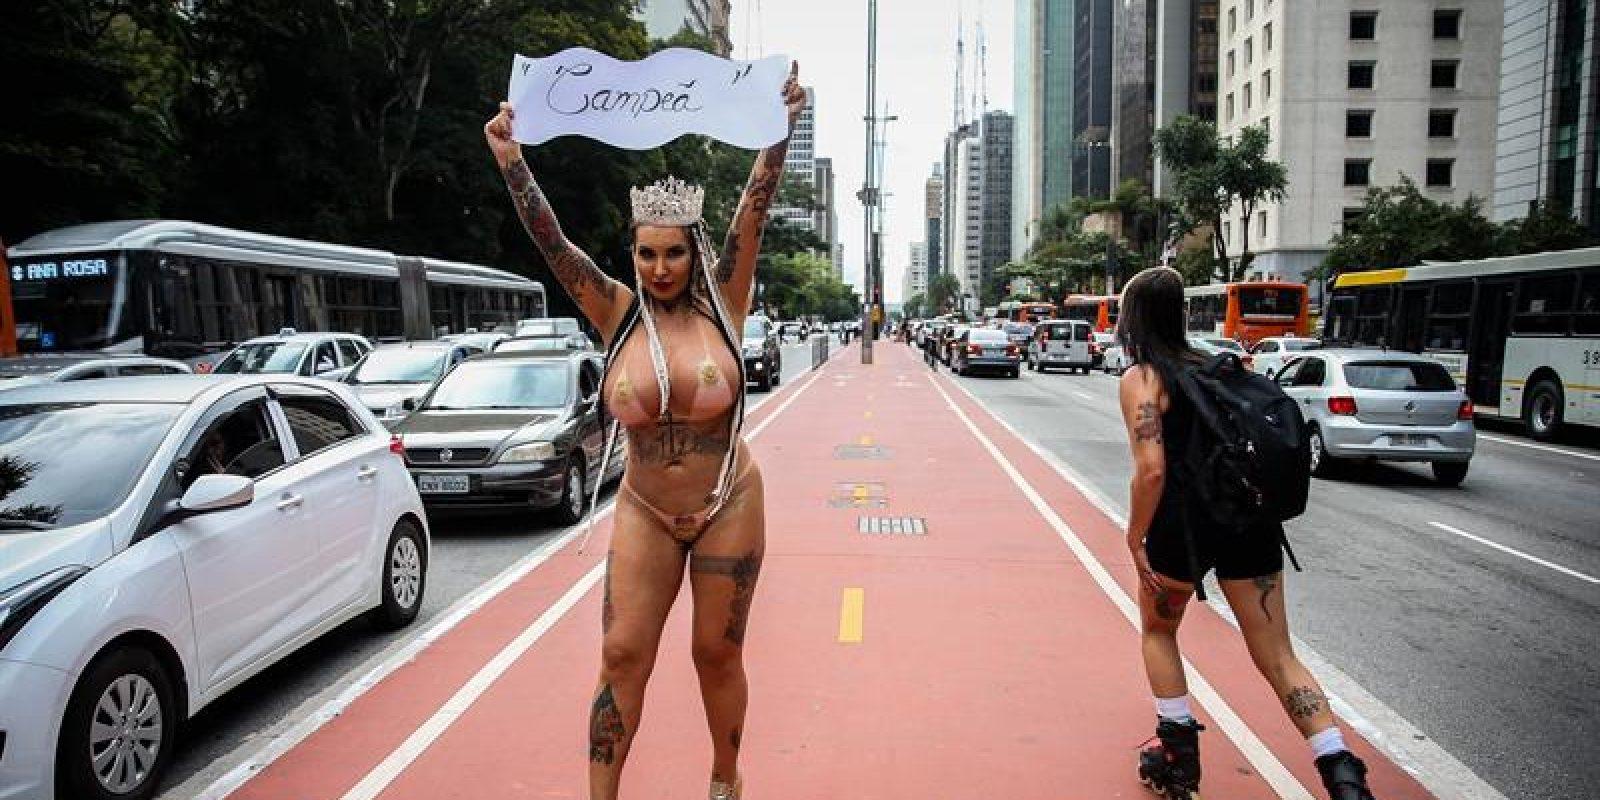 Protestas en la calle contra la industria porno 9